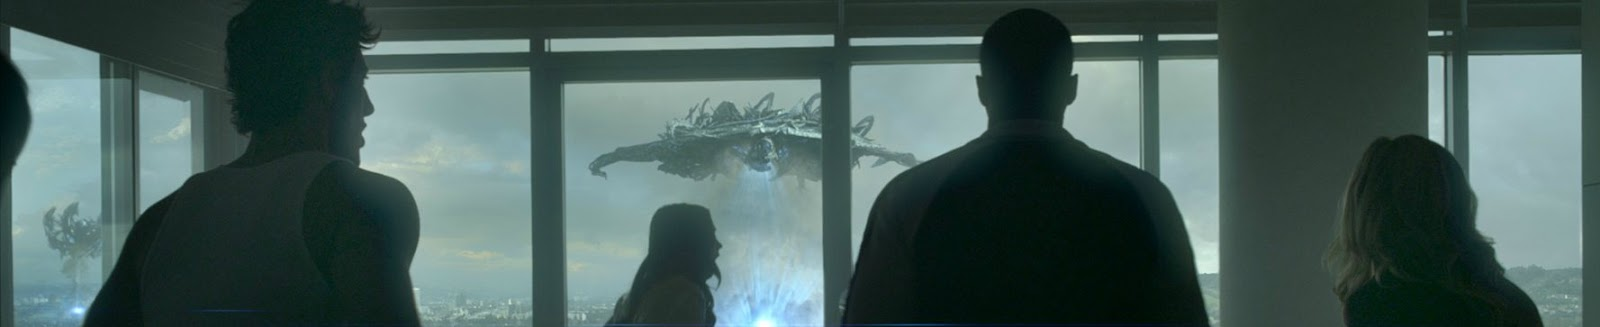 Skyline (2010) Still